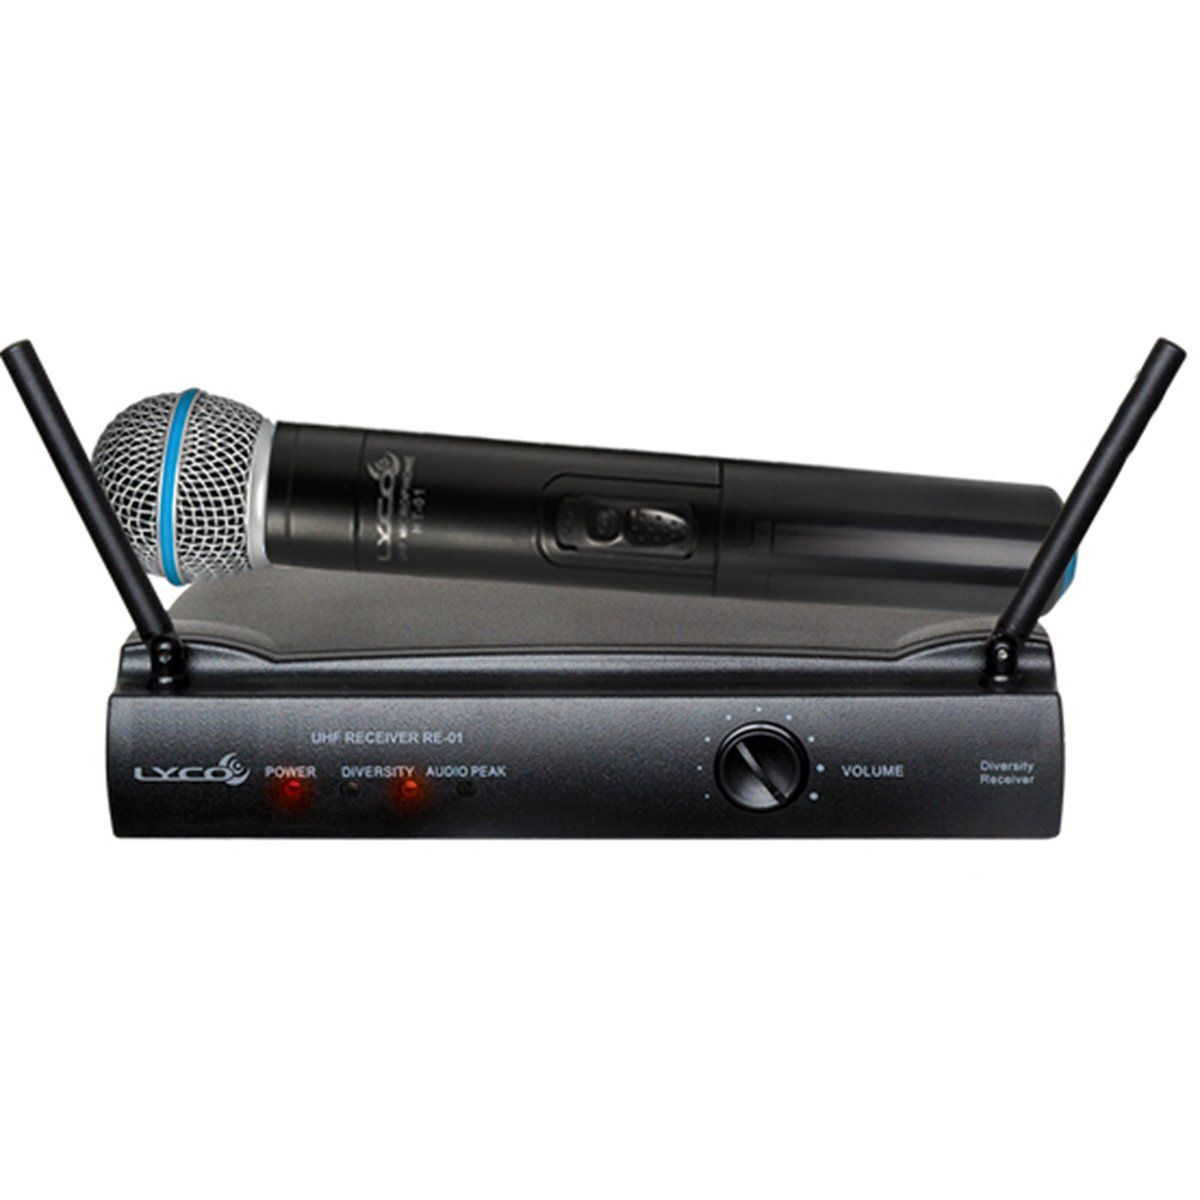 Microfone s/ Fio de Mão UHF - UH 01 M Lyco